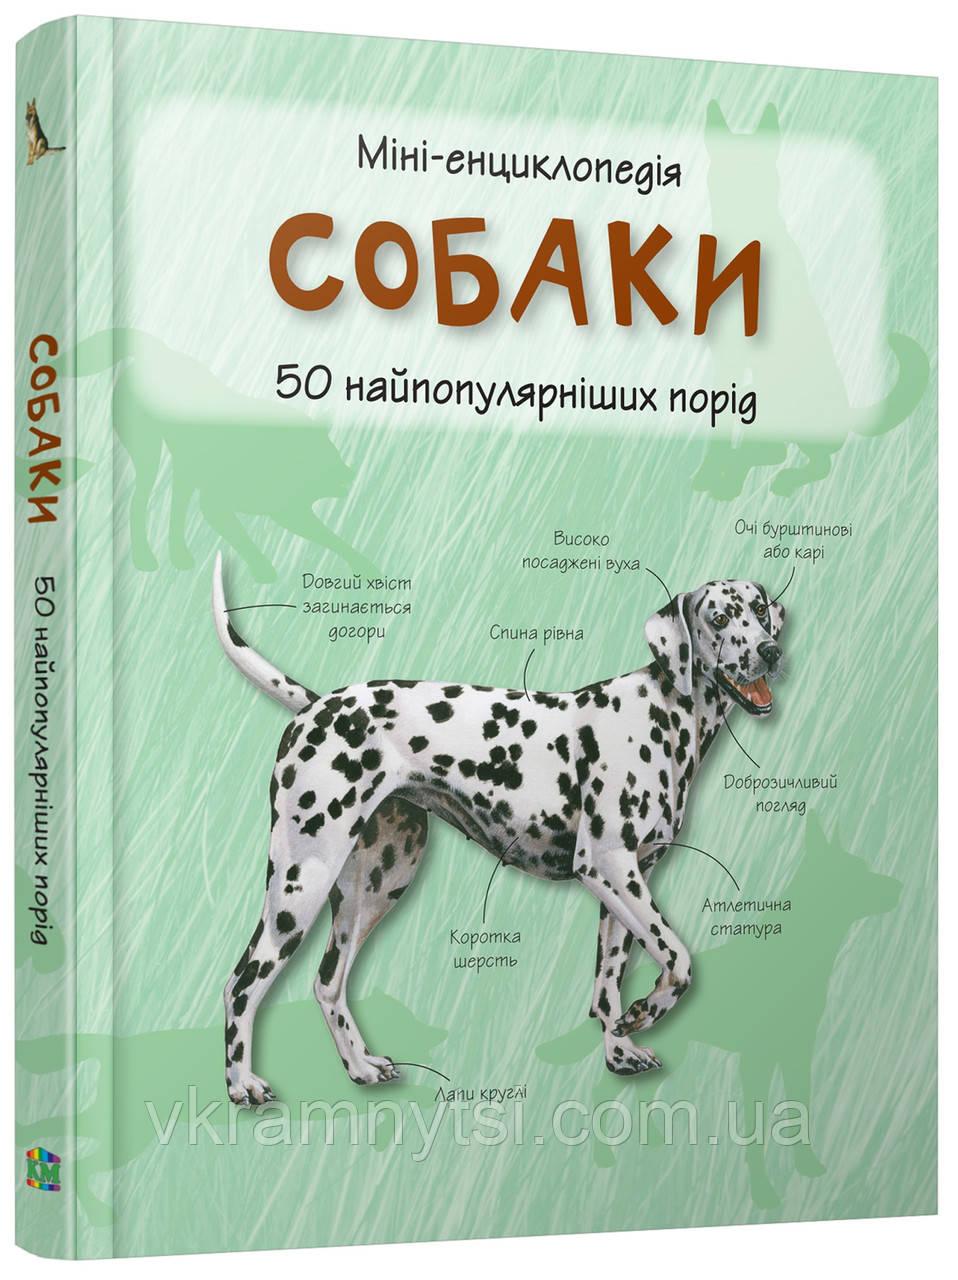 Собаки. Міні-енциклопедія